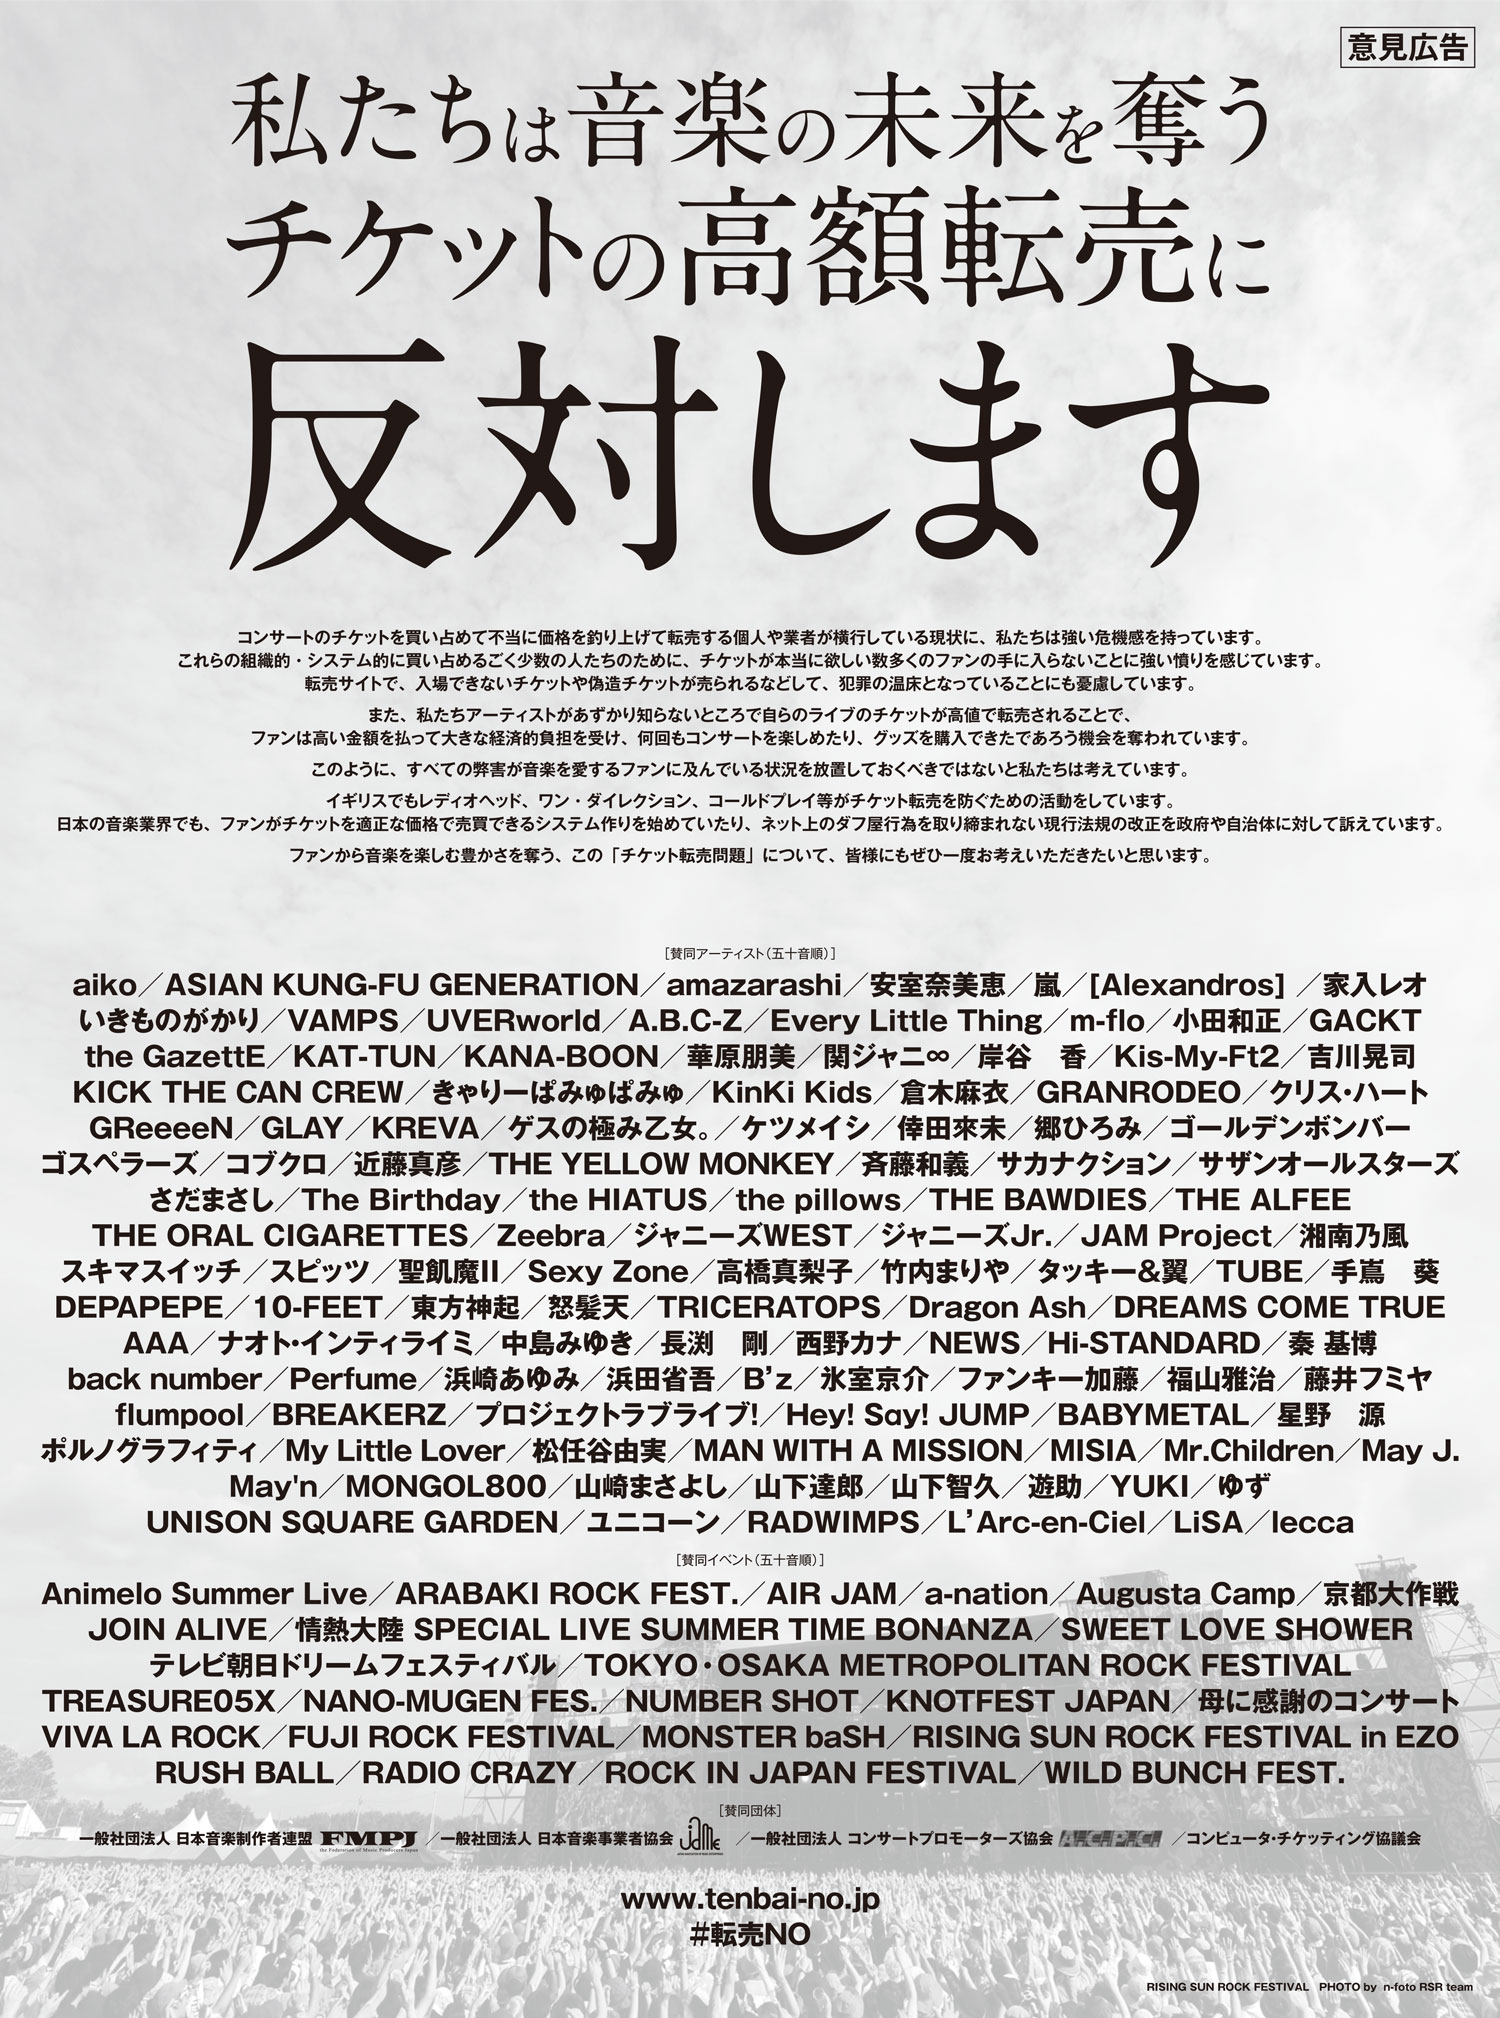 チケット転売NO   株式会社テイ...